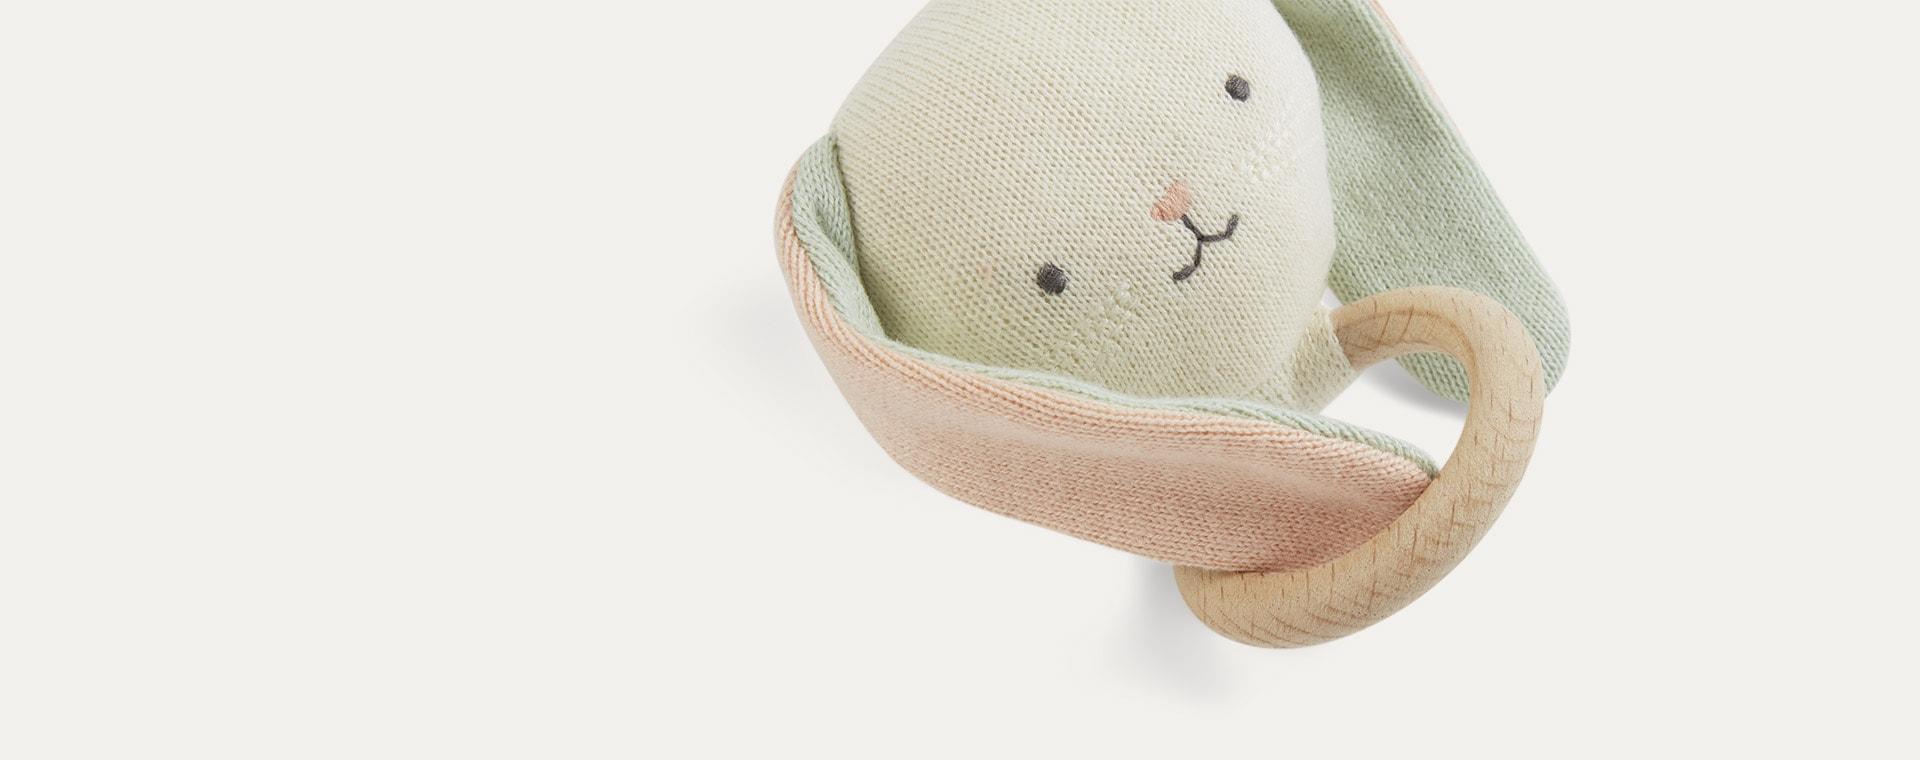 Multi Meri Meri Bunny Baby Rattle